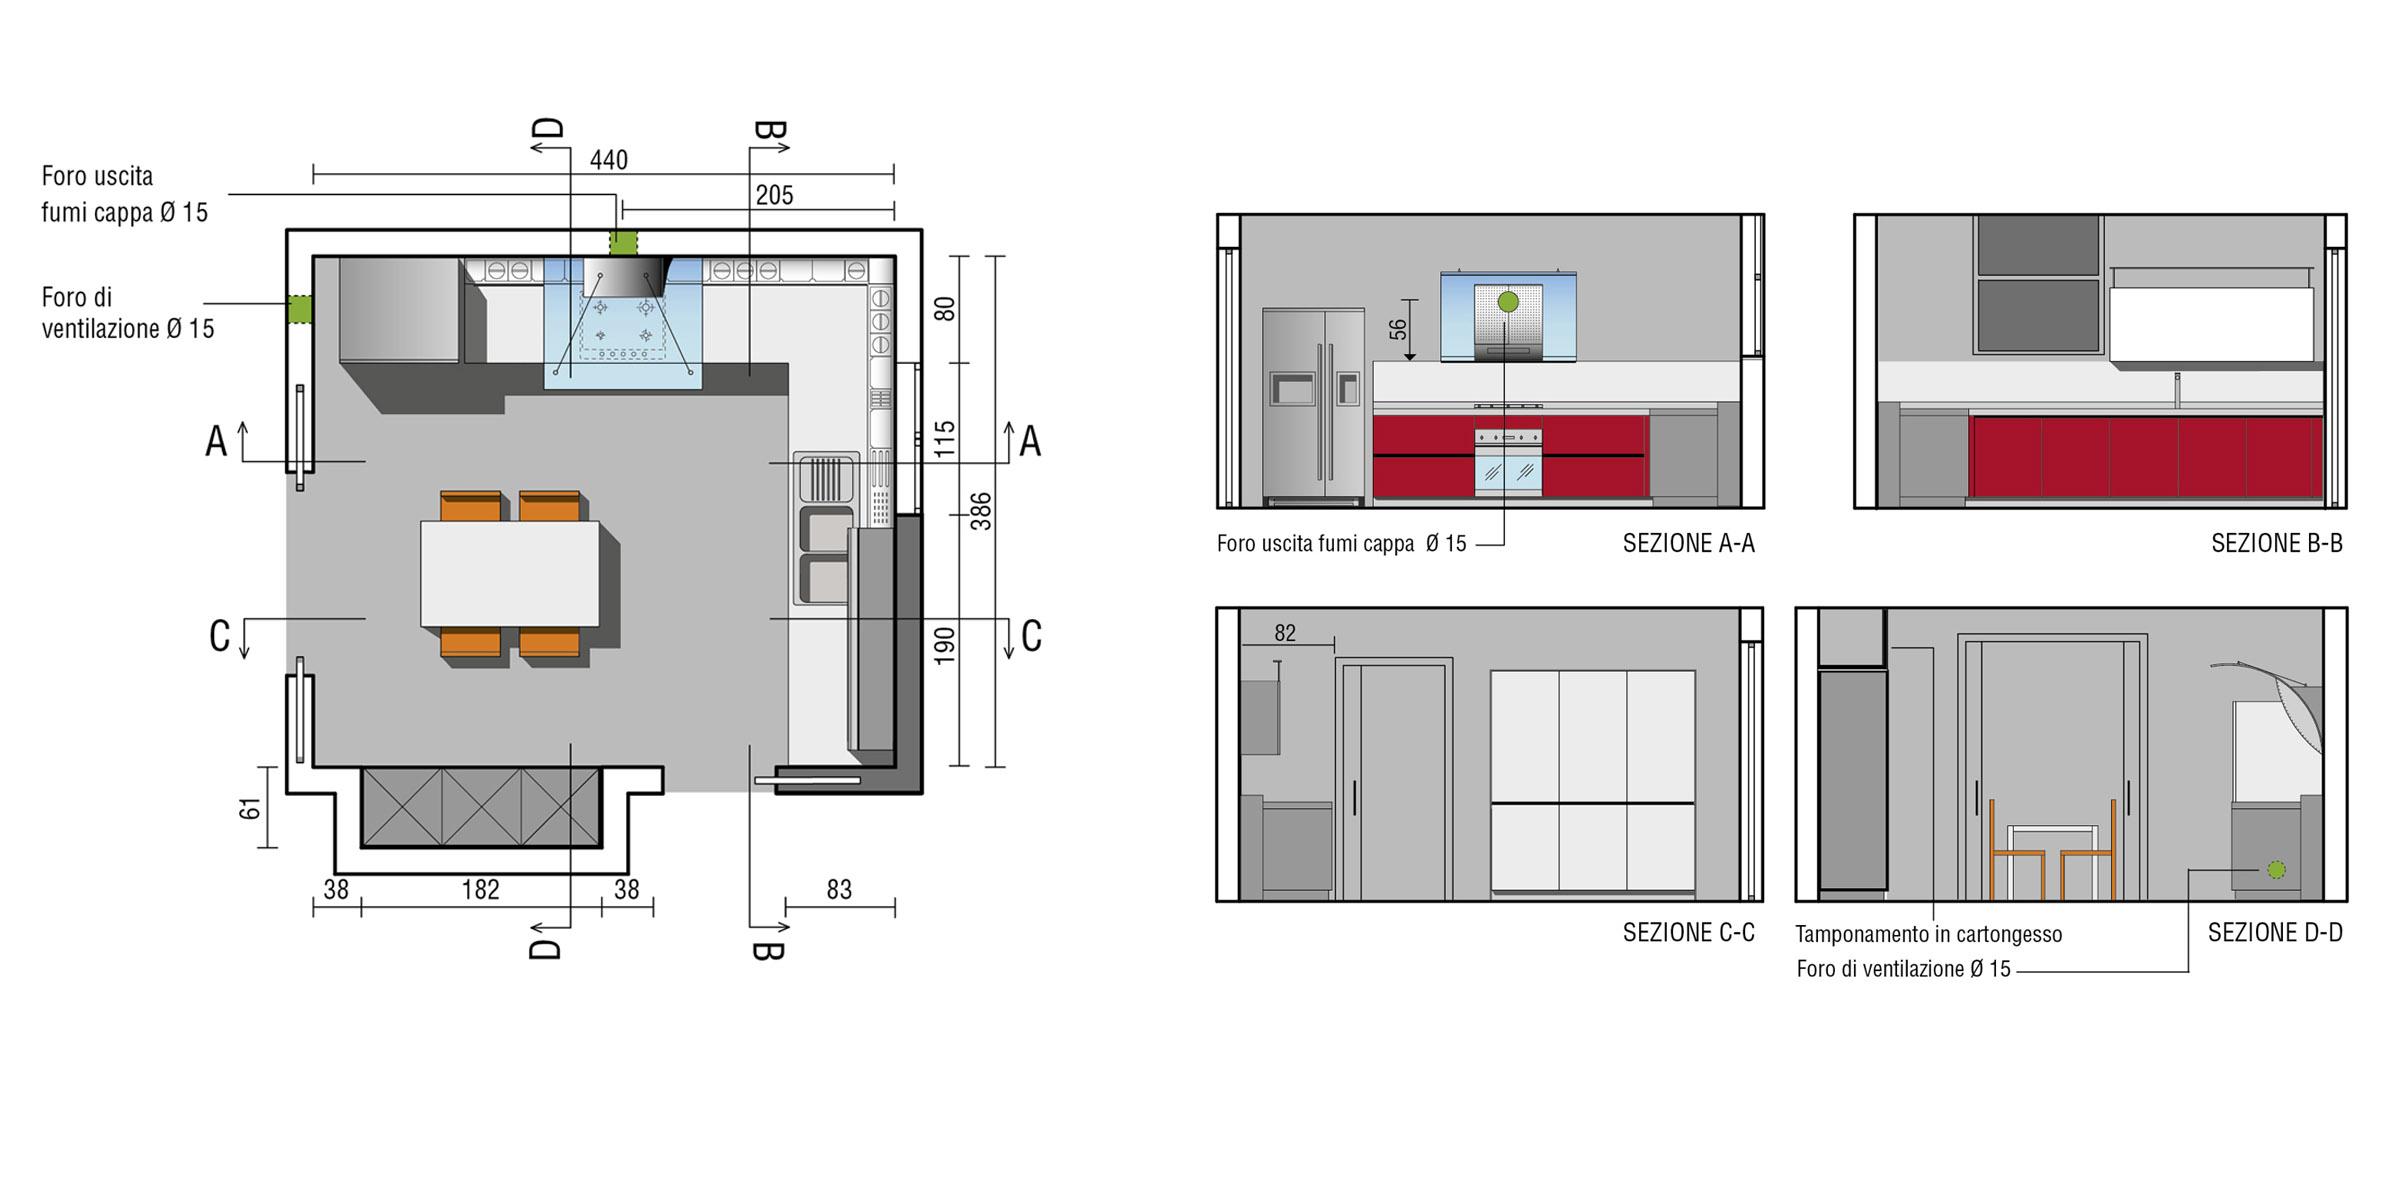 Cucine ad angolo design valcucine - Come progettare una cucina ad angolo ...